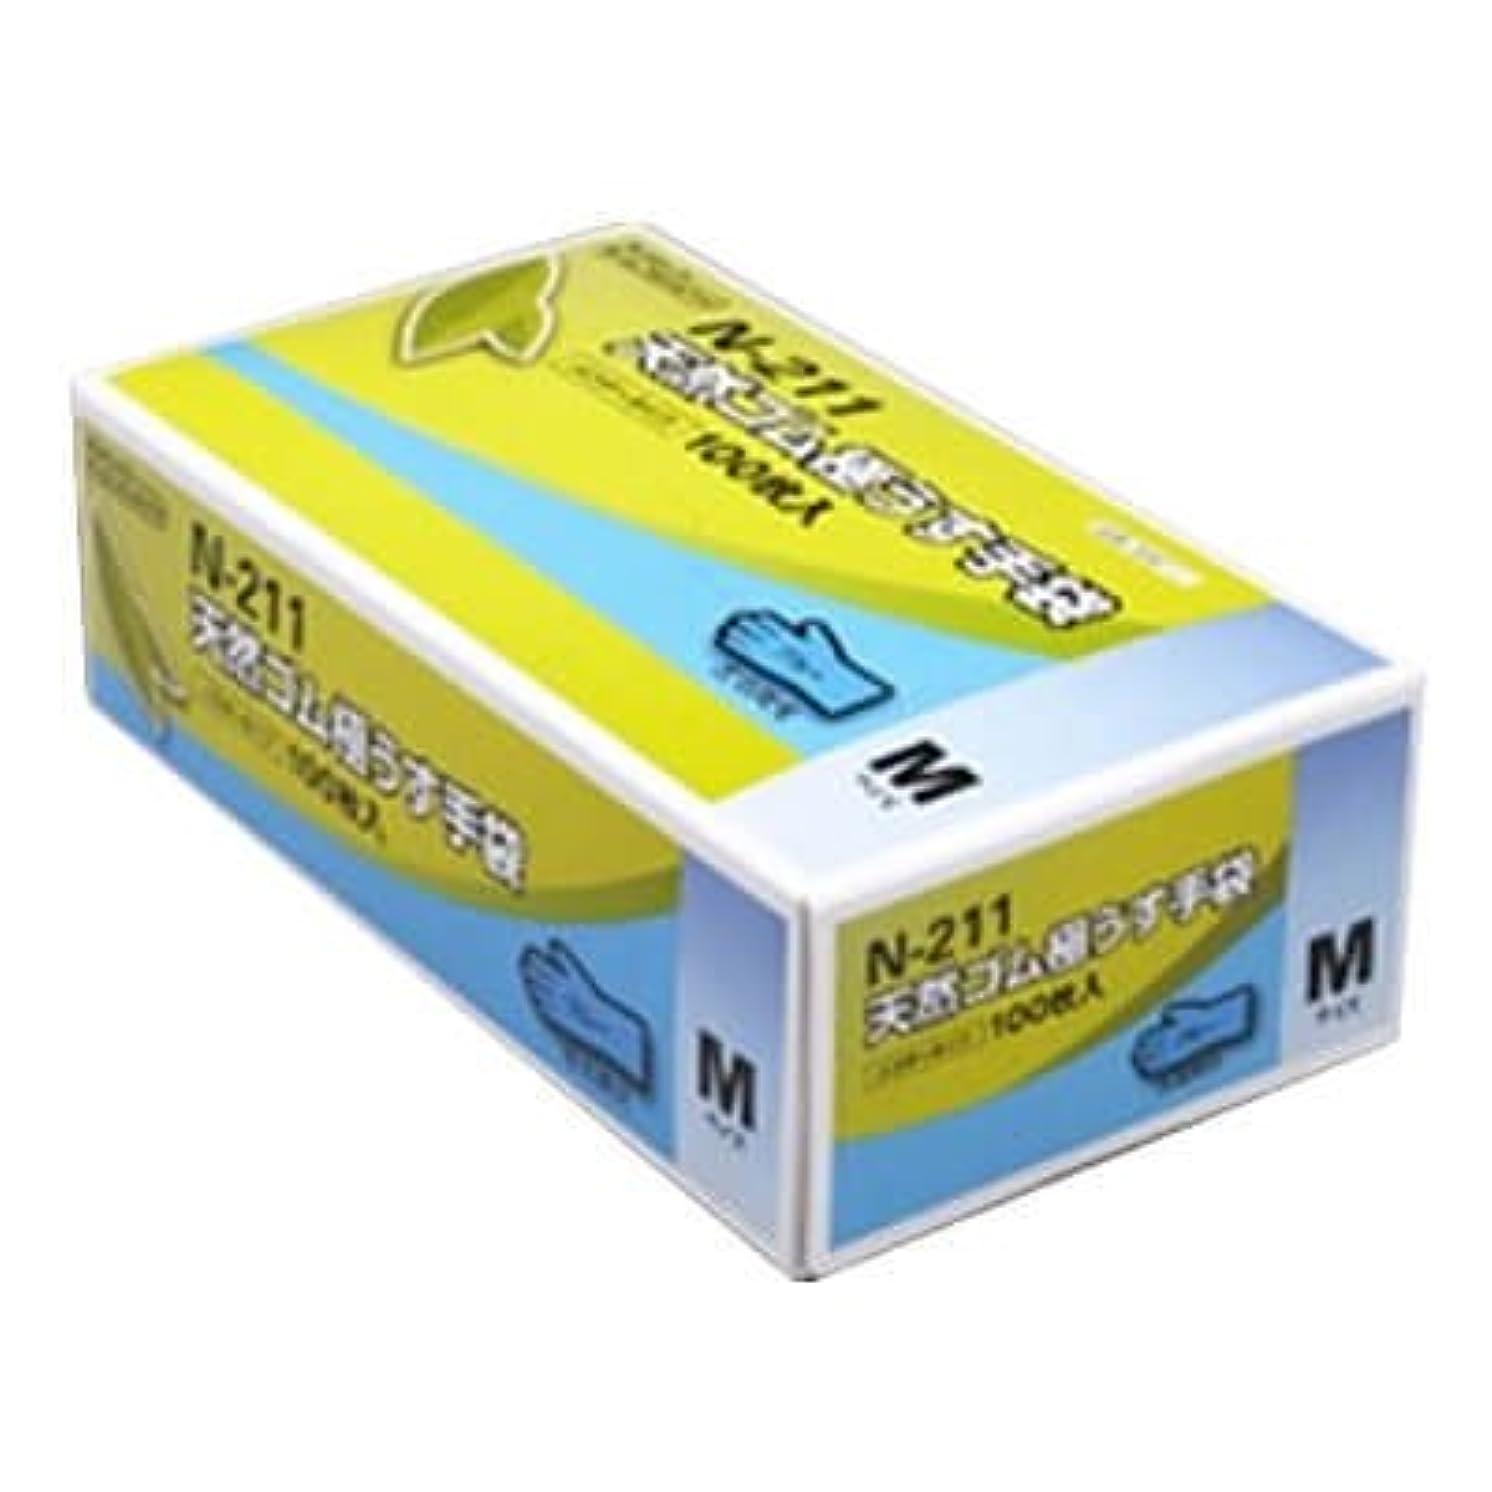 倉庫抑圧熱意【ケース販売】 ダンロップ 天然ゴム極うす手袋 N-211 M ブルー (100枚入×20箱)